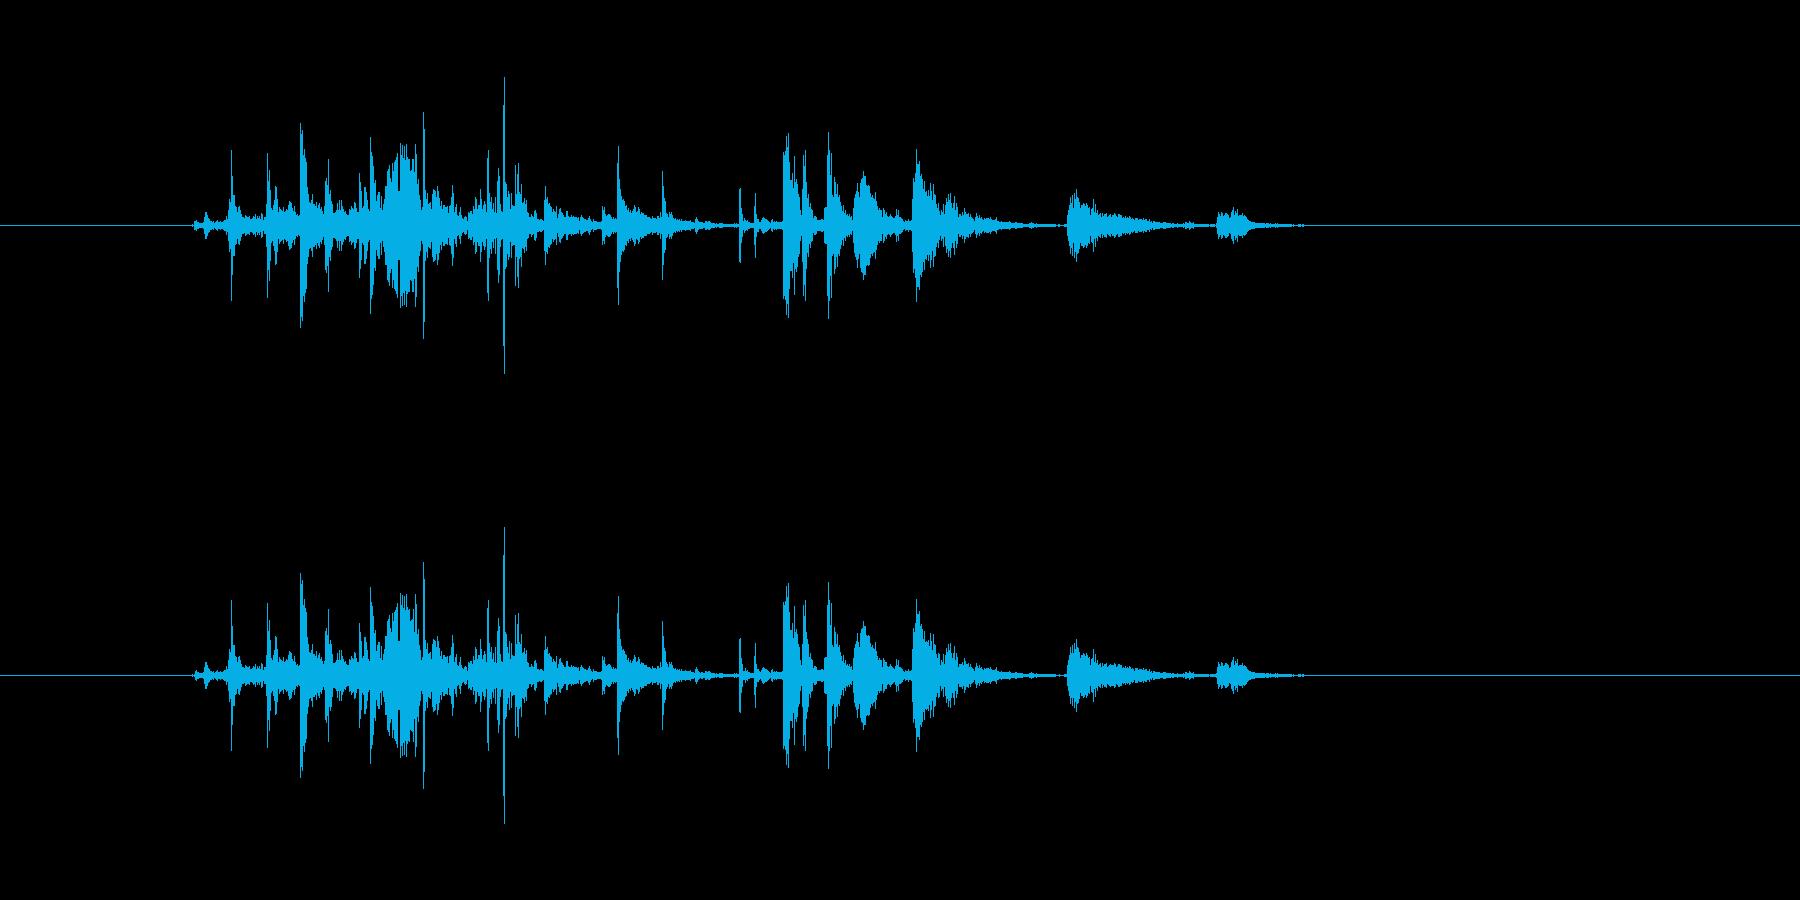 金属音(小銭落下、武器装備などなど)の再生済みの波形